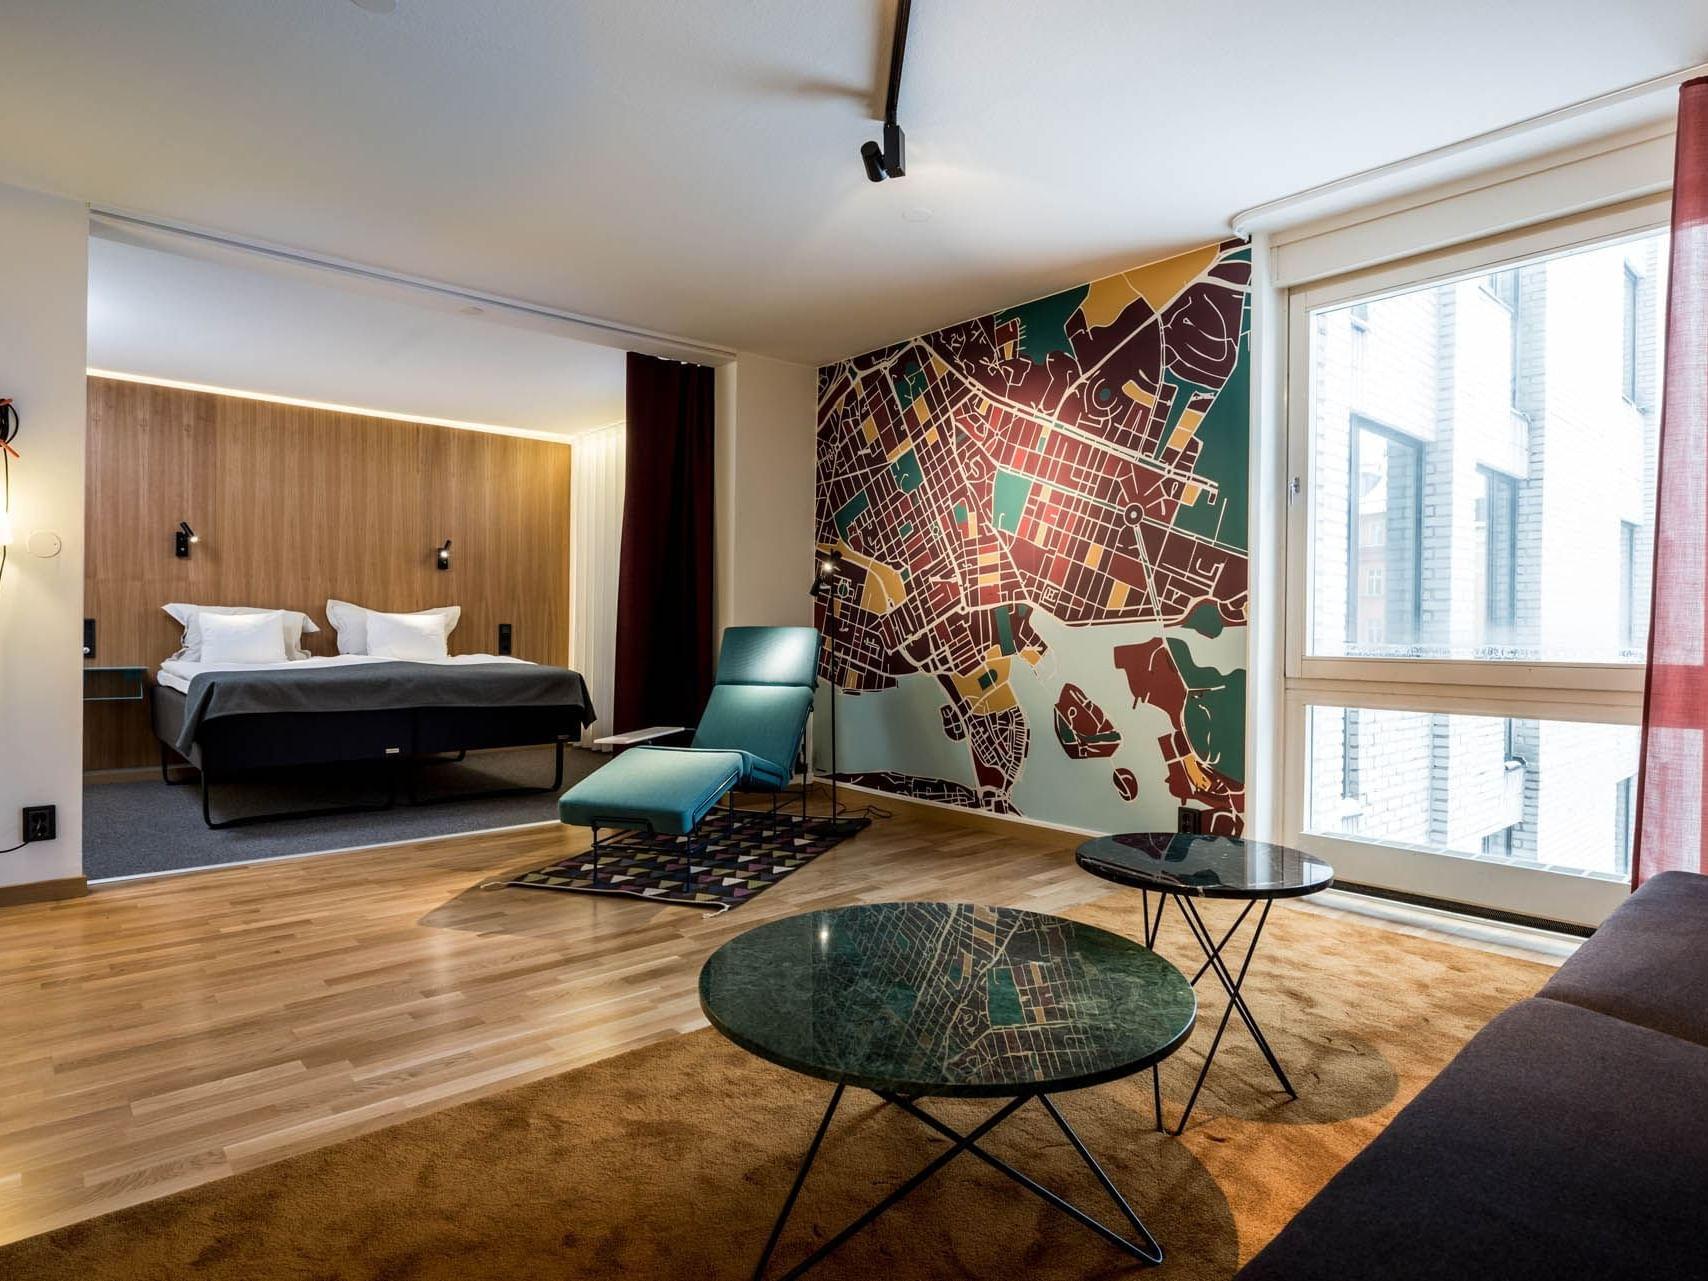 Junior Suite at Hotel Birger Jarl in Stockholm, Sweden